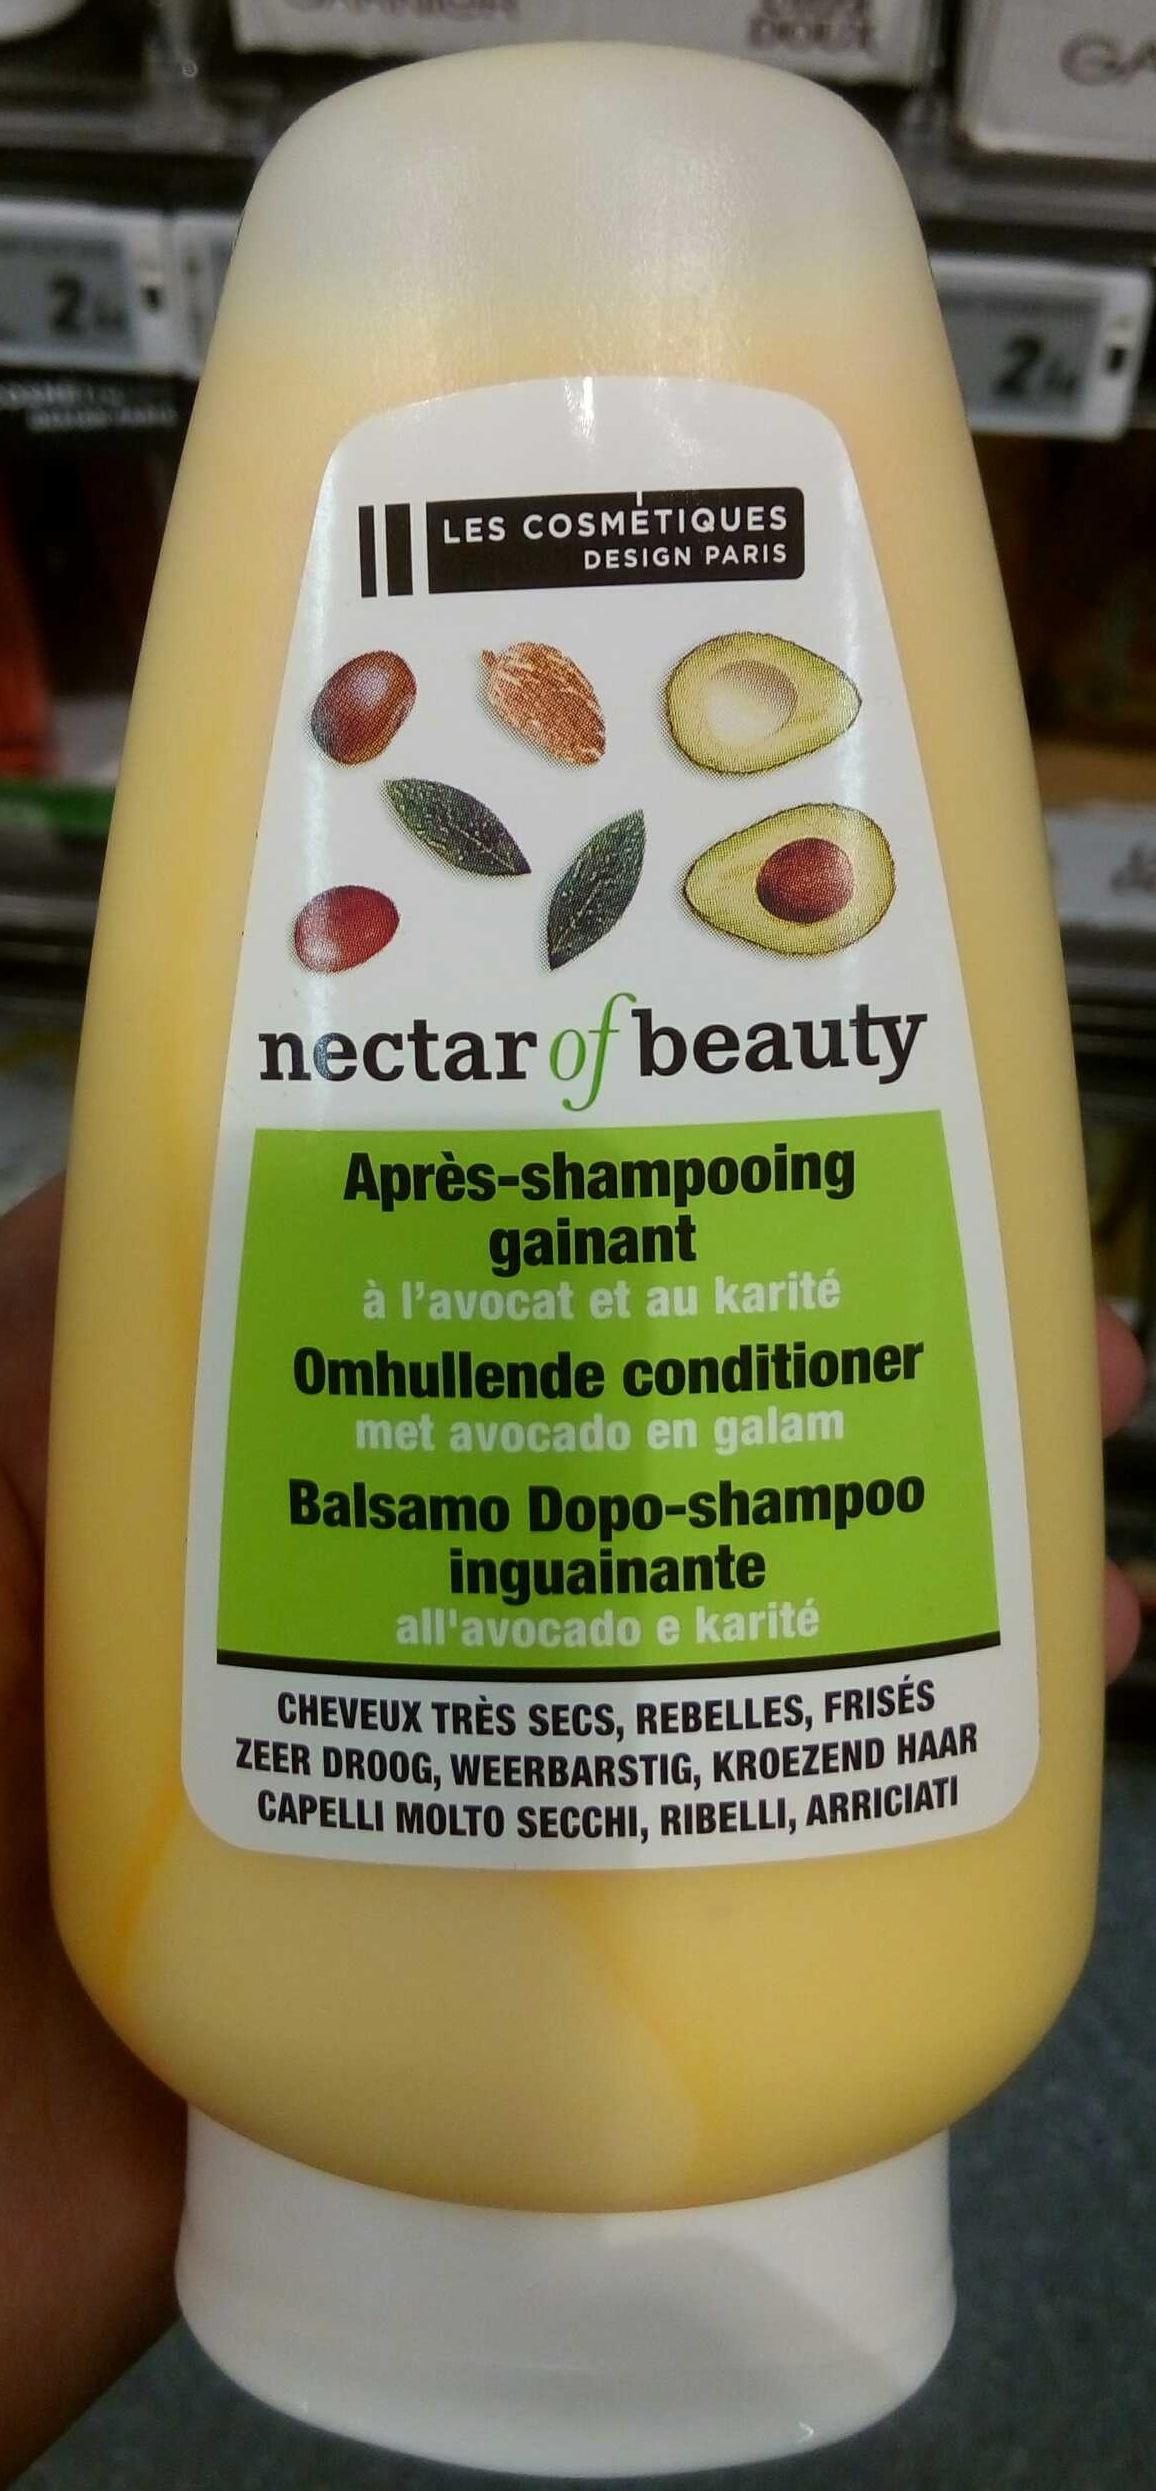 Après-shampooing gainant à l'avocat et au karité - Product - fr